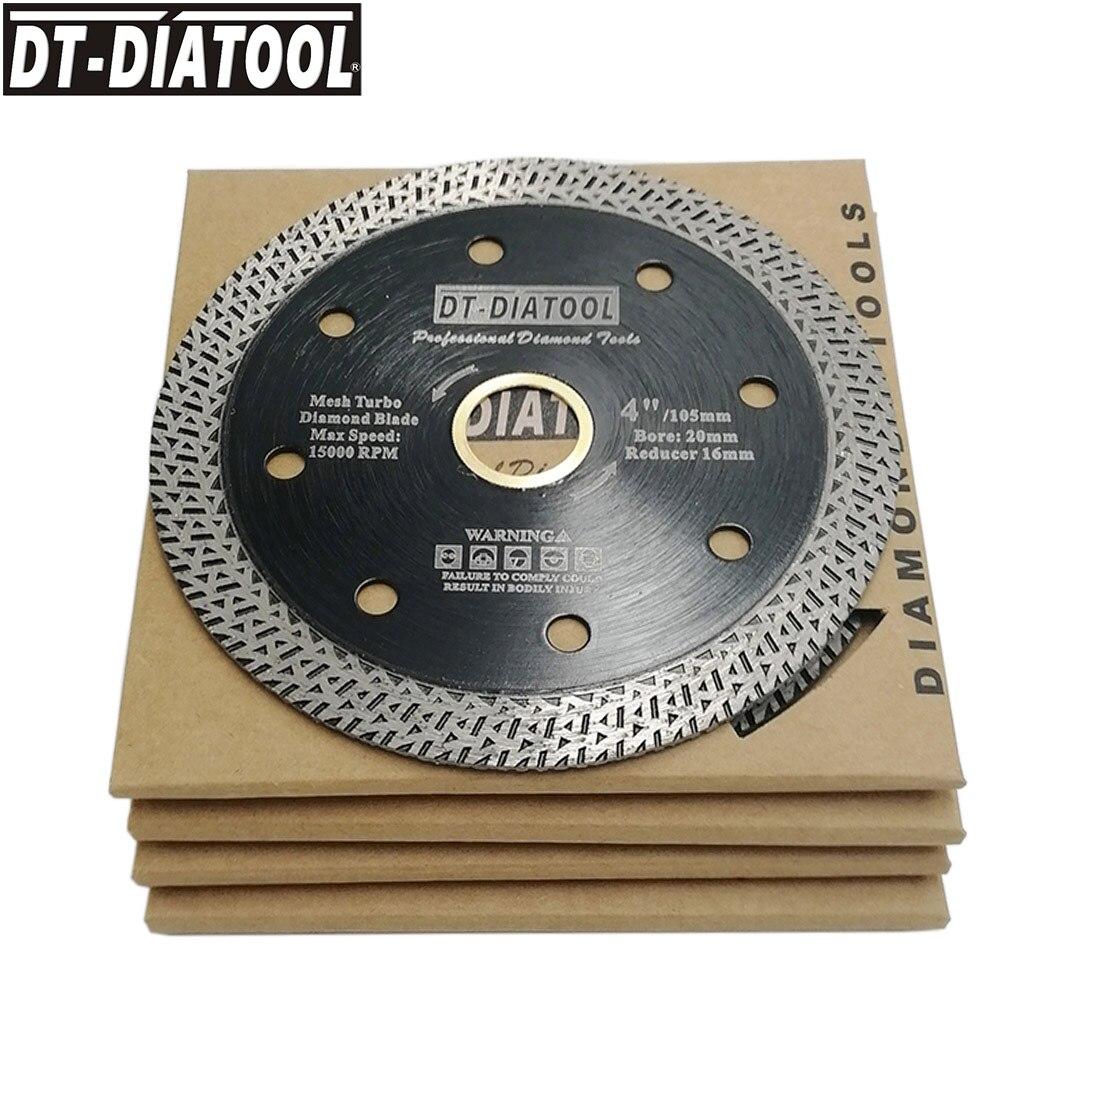 DT-DIATOOL 5 pçs/set 4